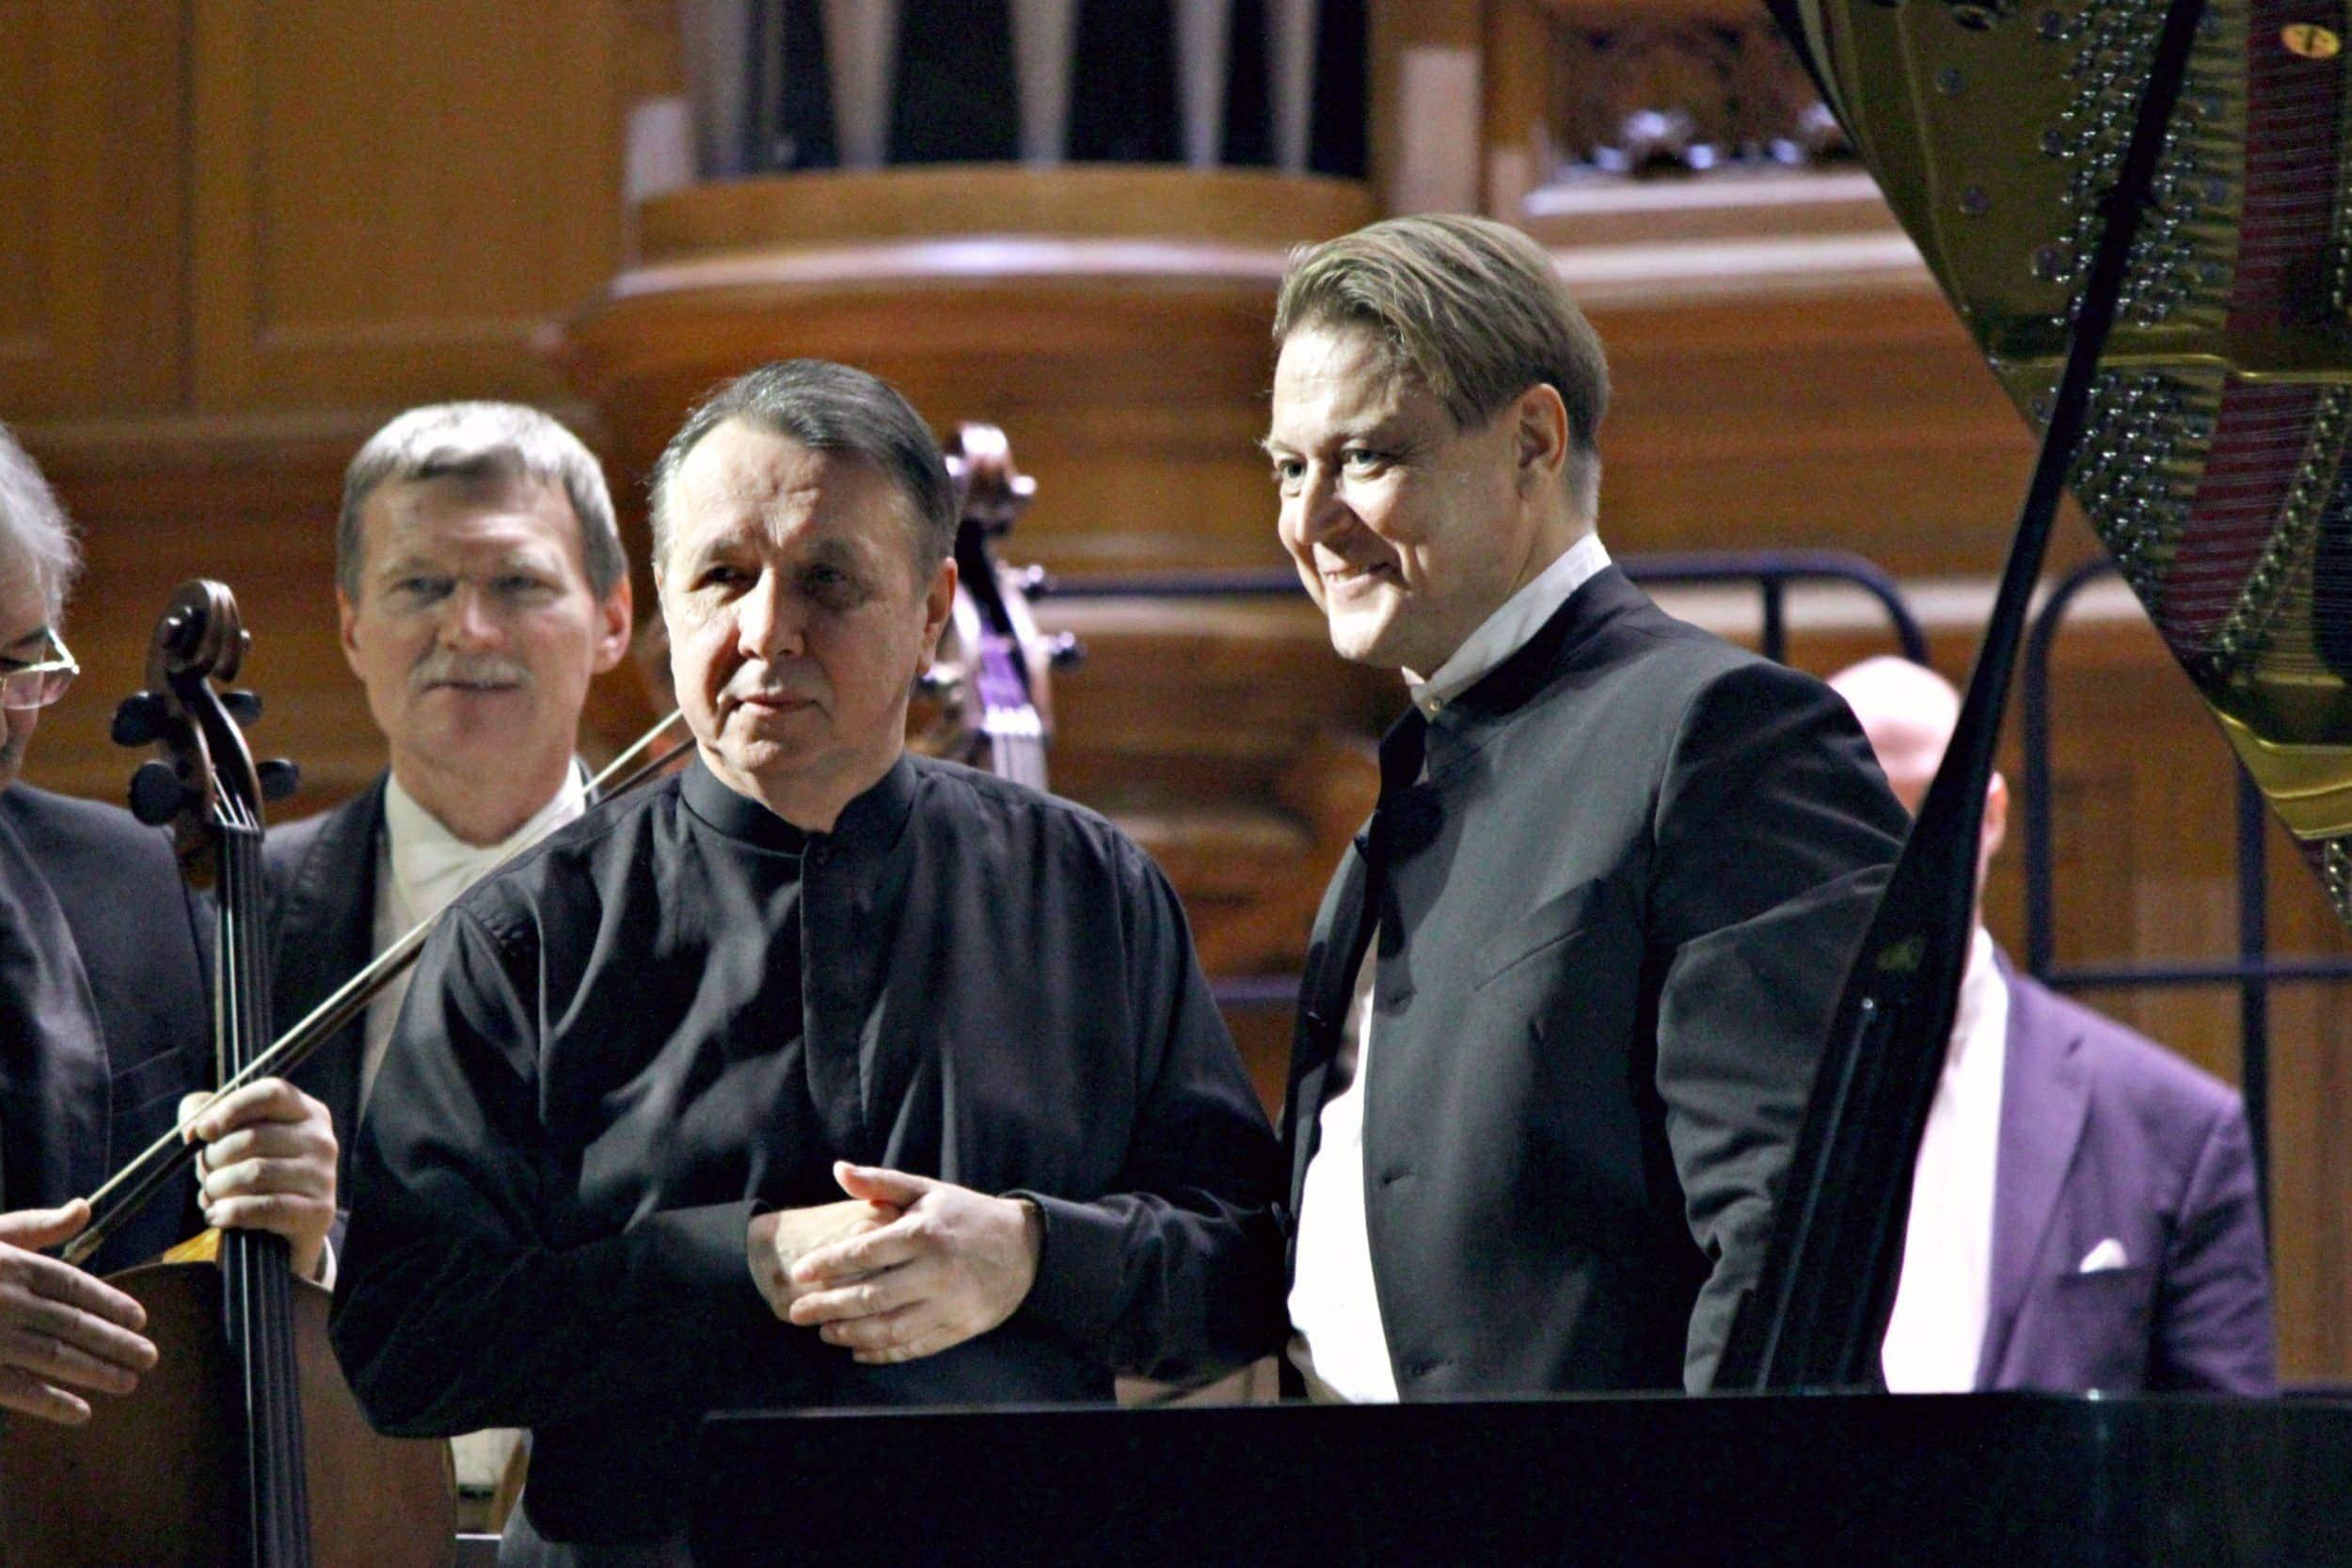 Михаил Плетнев, Александр Сладковский. Фото - Ирина Шымчак